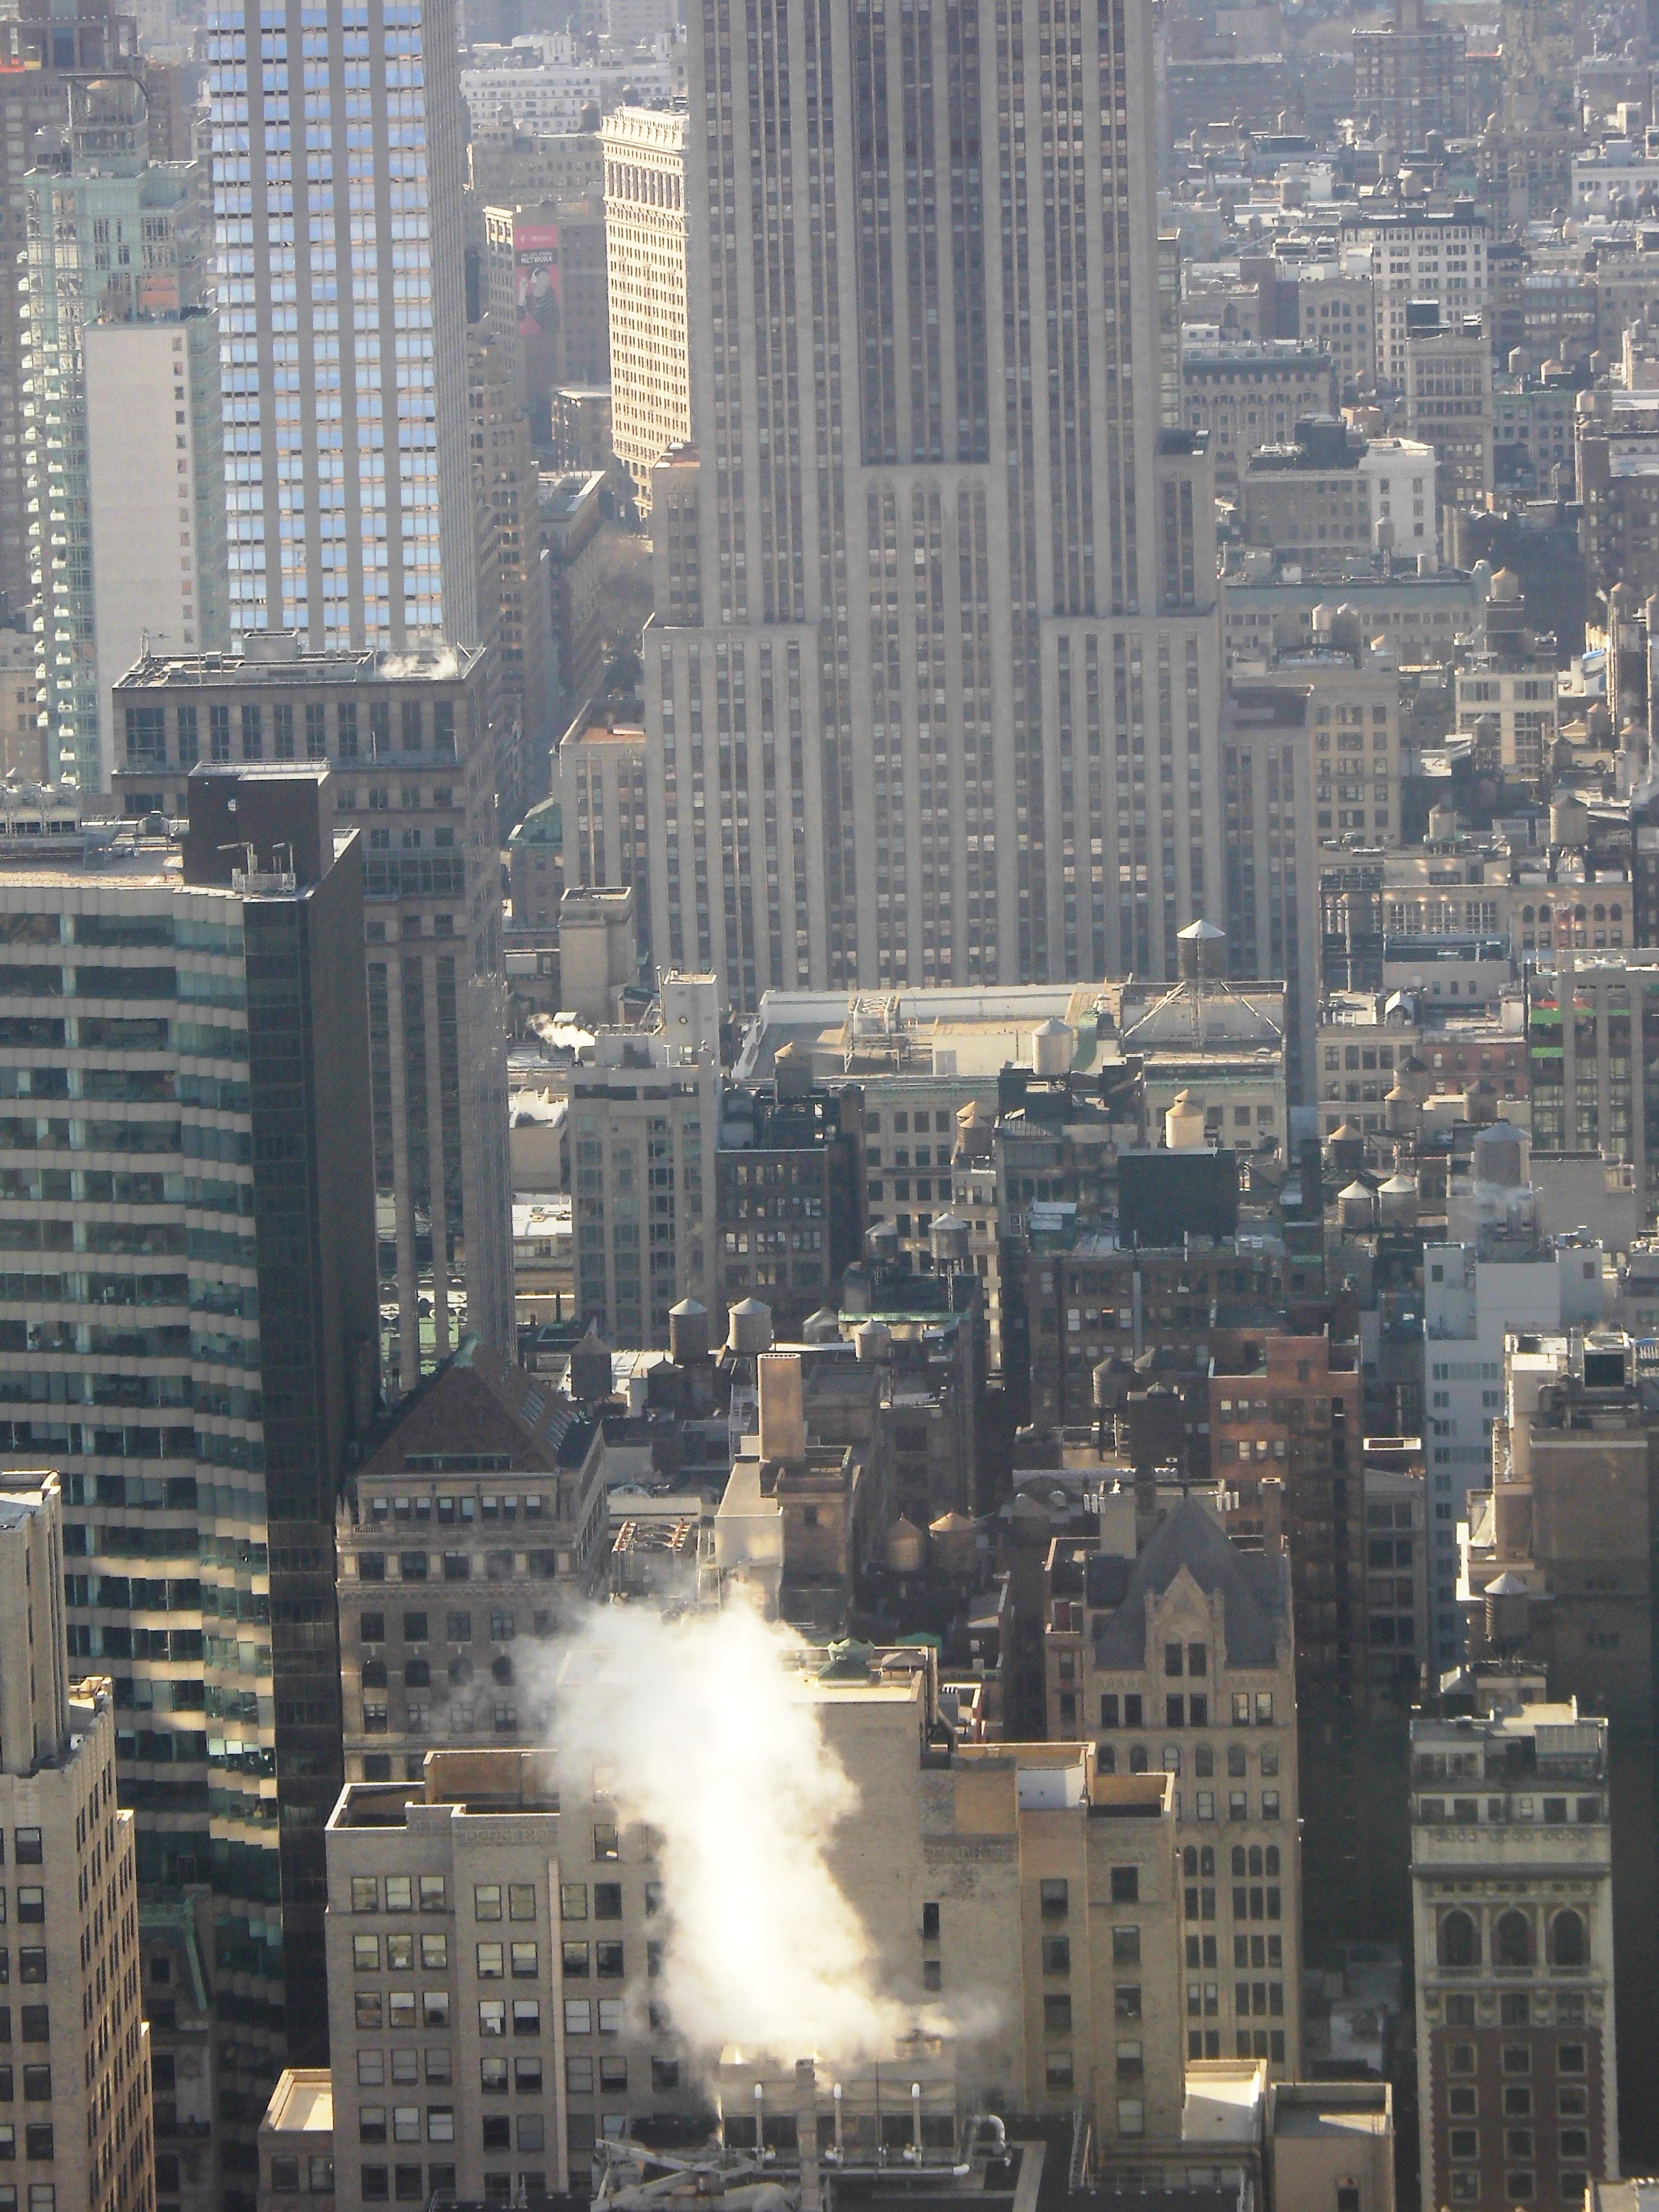 edificio rascacielos nueva york manhattan nueva york paisaje urbano centro de la ciudad torre estados unidos america fachada bloque de pisos